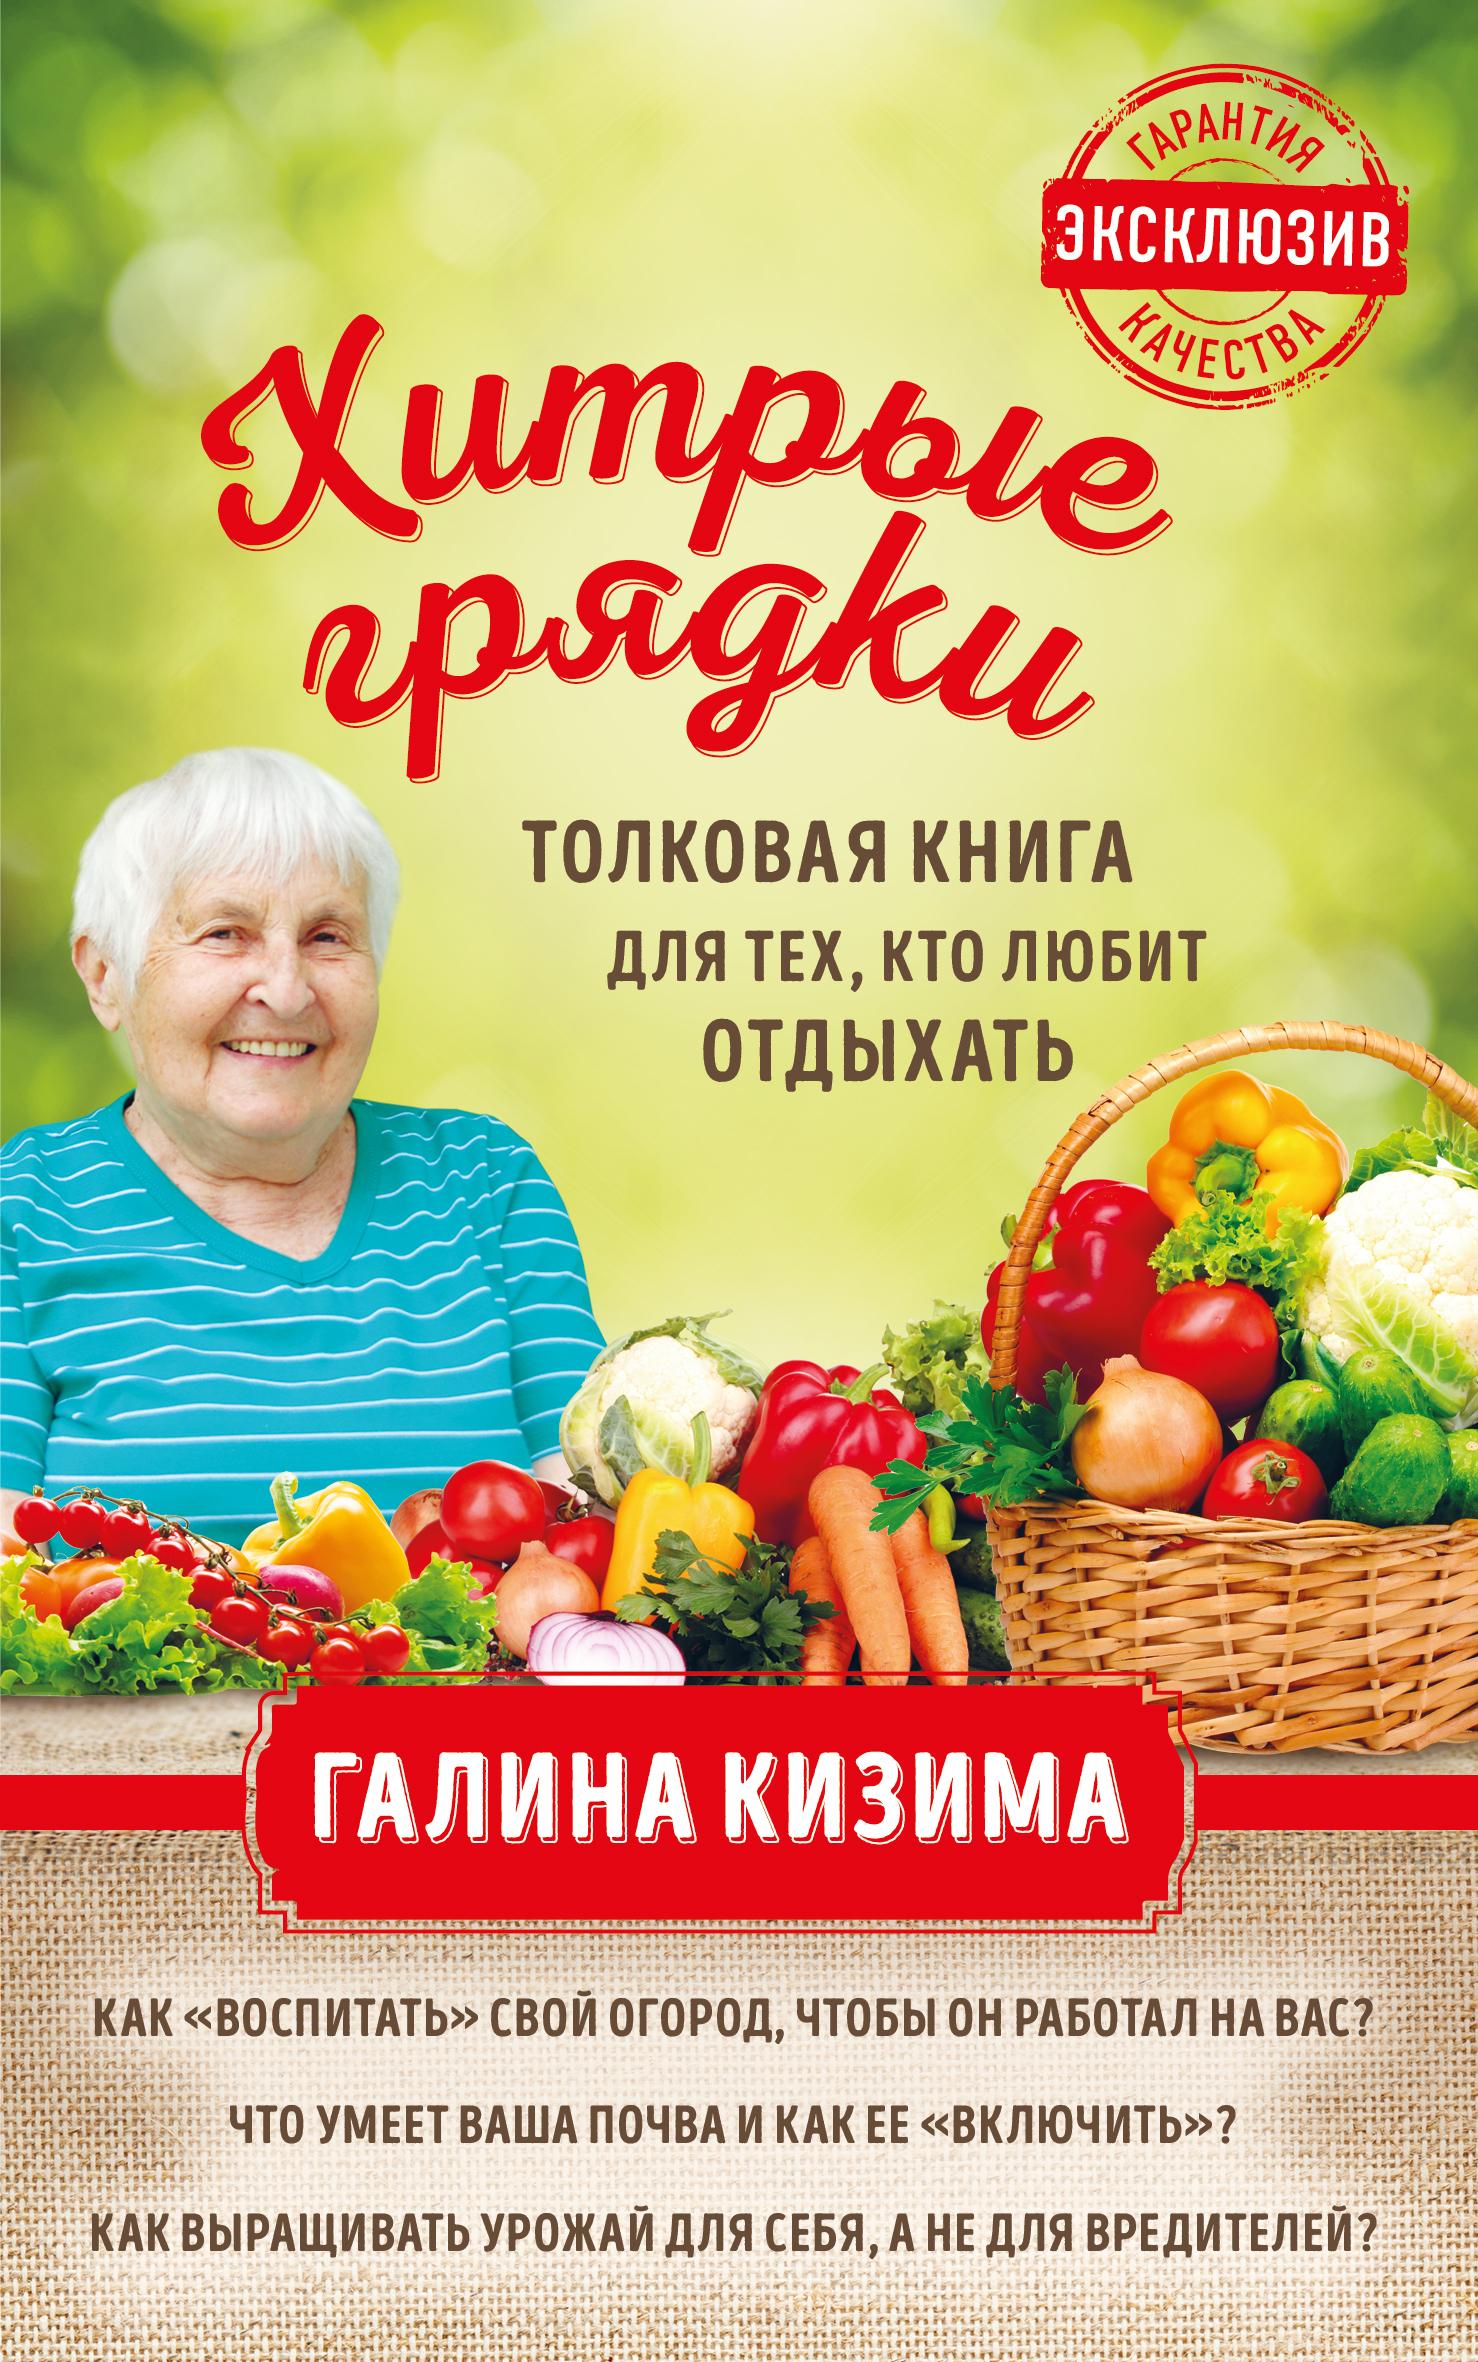 Галина Кизима - Хитрые грядки. Толковая книга для тех, кто любит отдыхать